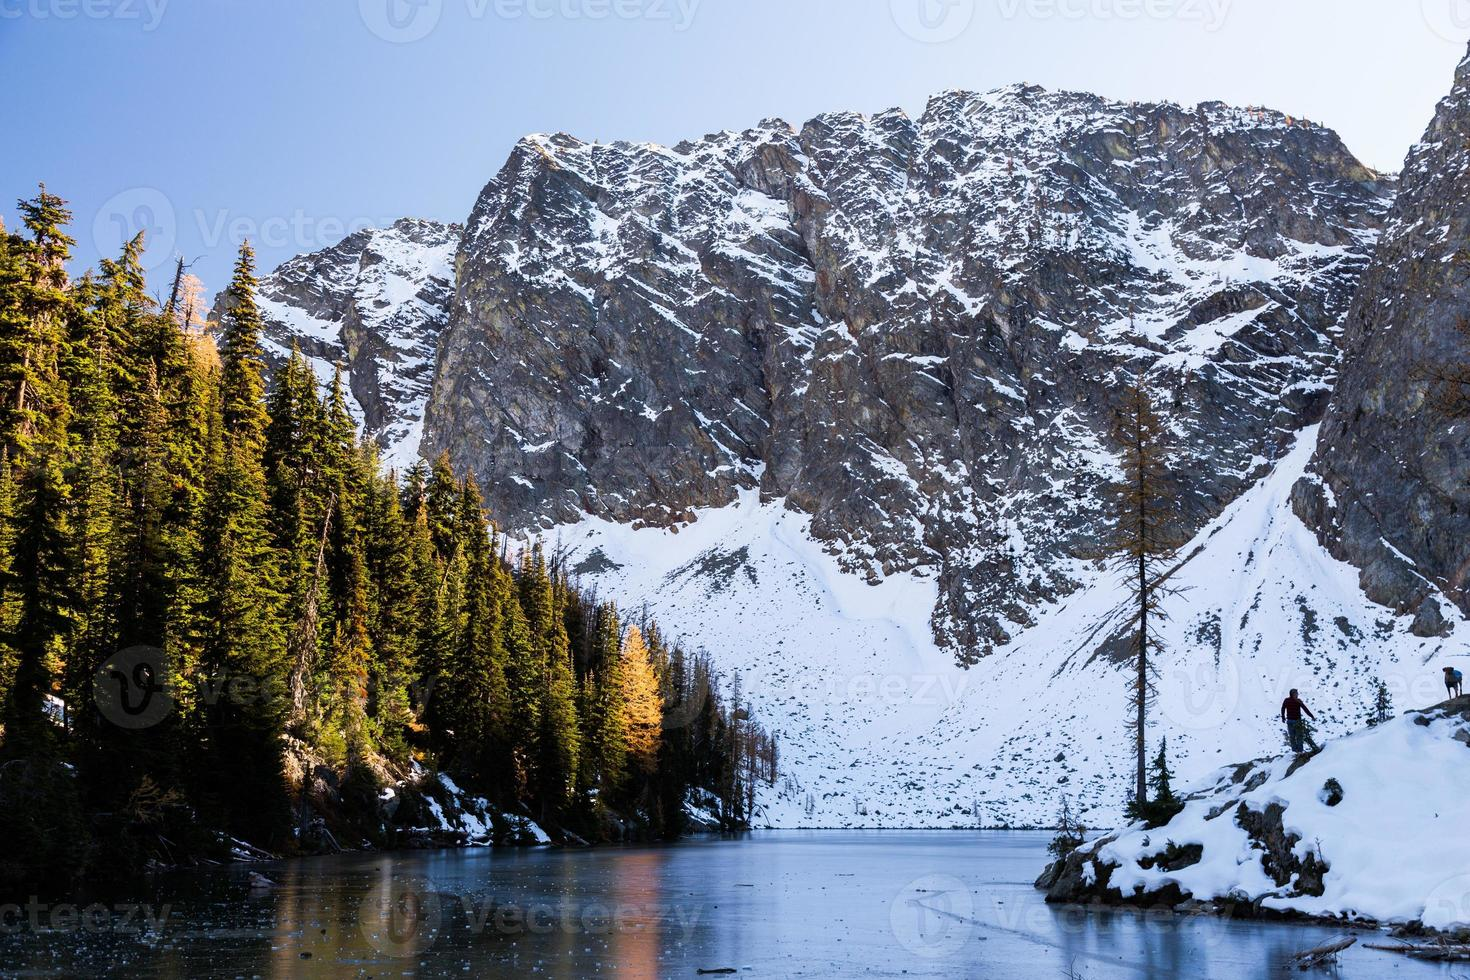 lac bleu gelé dans les cacades du nord photo